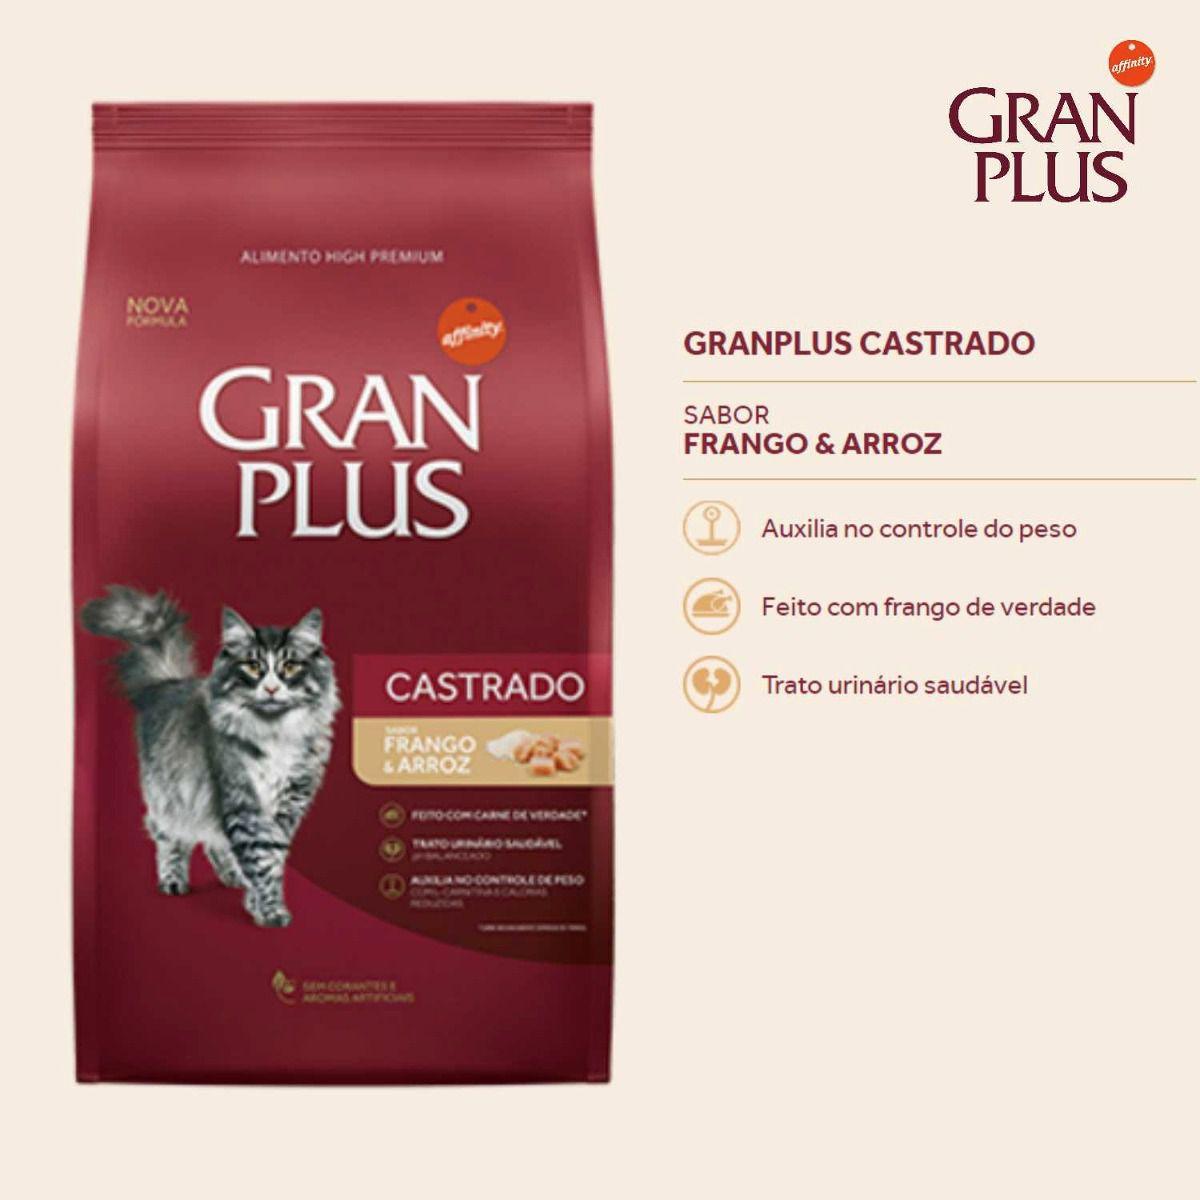 Gran Plus Gato Castrado Frango 10kg contem 10 pacotinhos com 1 kg